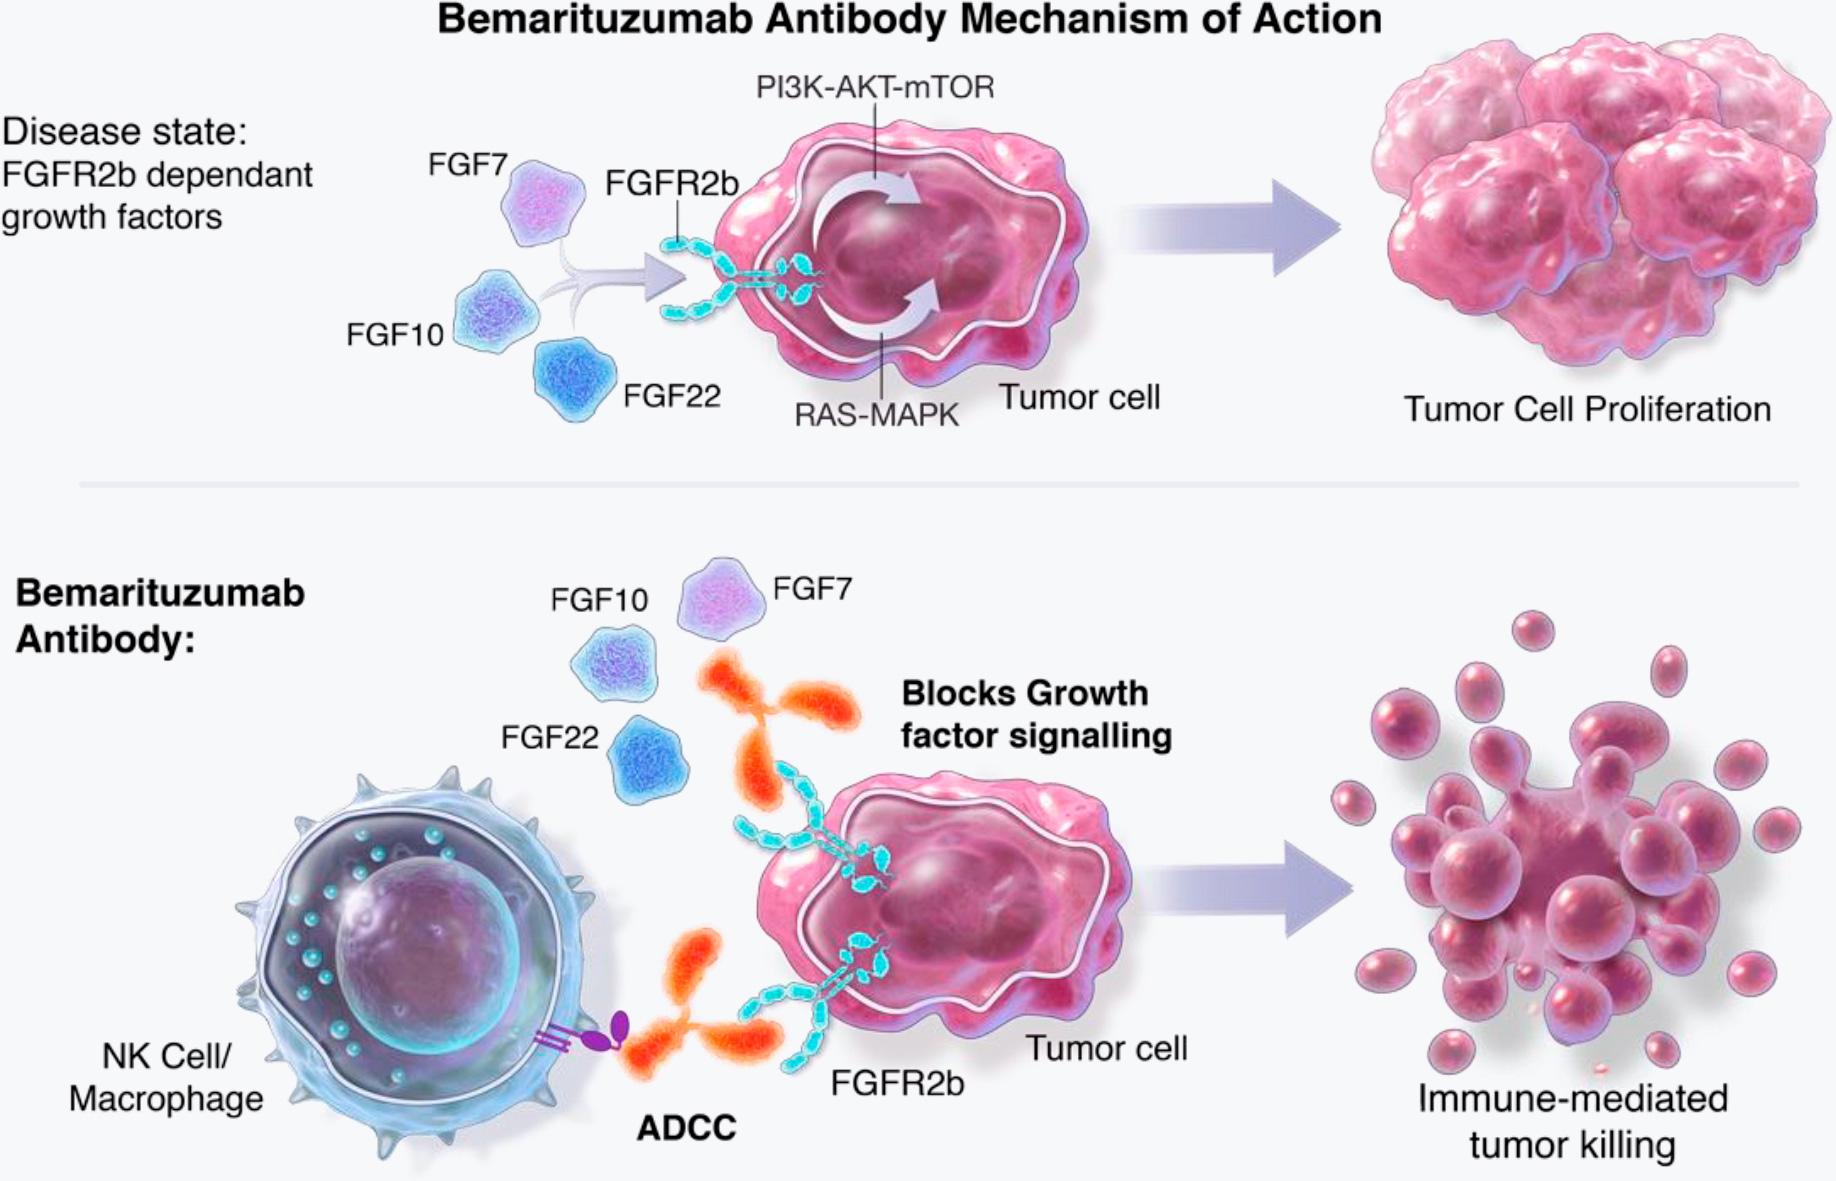 bemarituzumab moa 02 - Бемаритузумаб: прорыв в лечении рака желудка